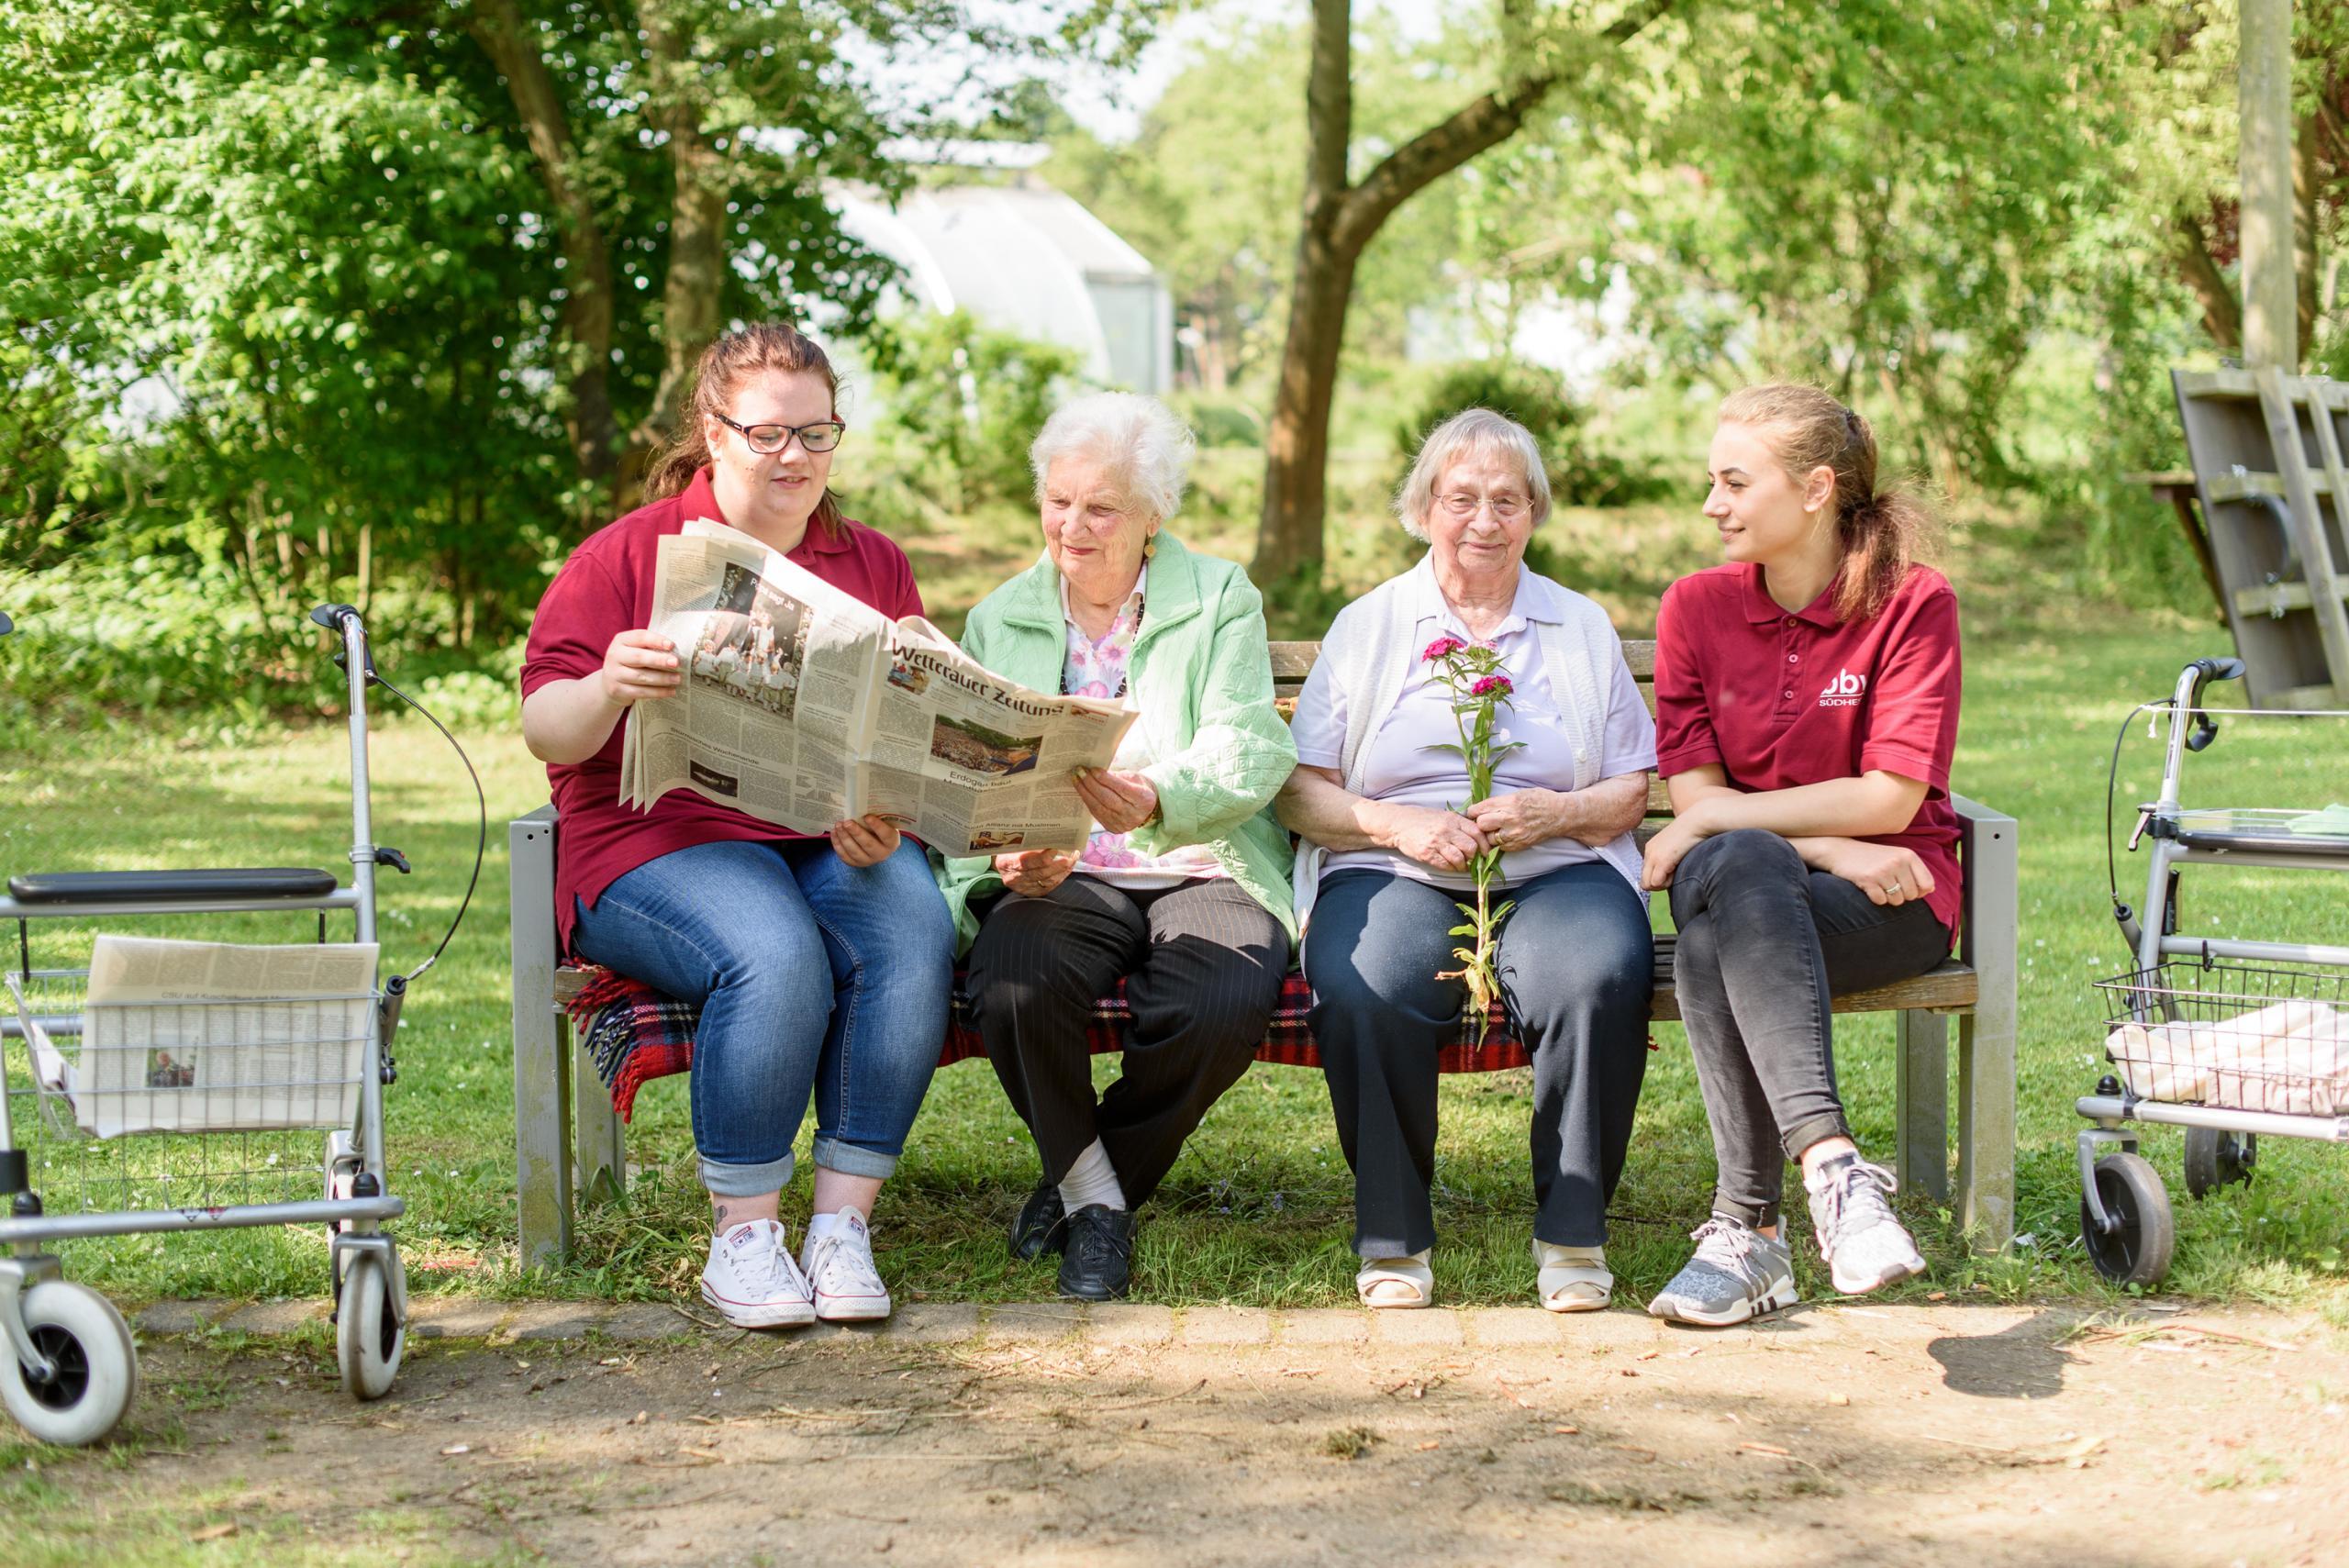 Azubis der Altenpflegehilfe mit 2 Damen aus dem Pflegeheim auf einer Bank sitzend